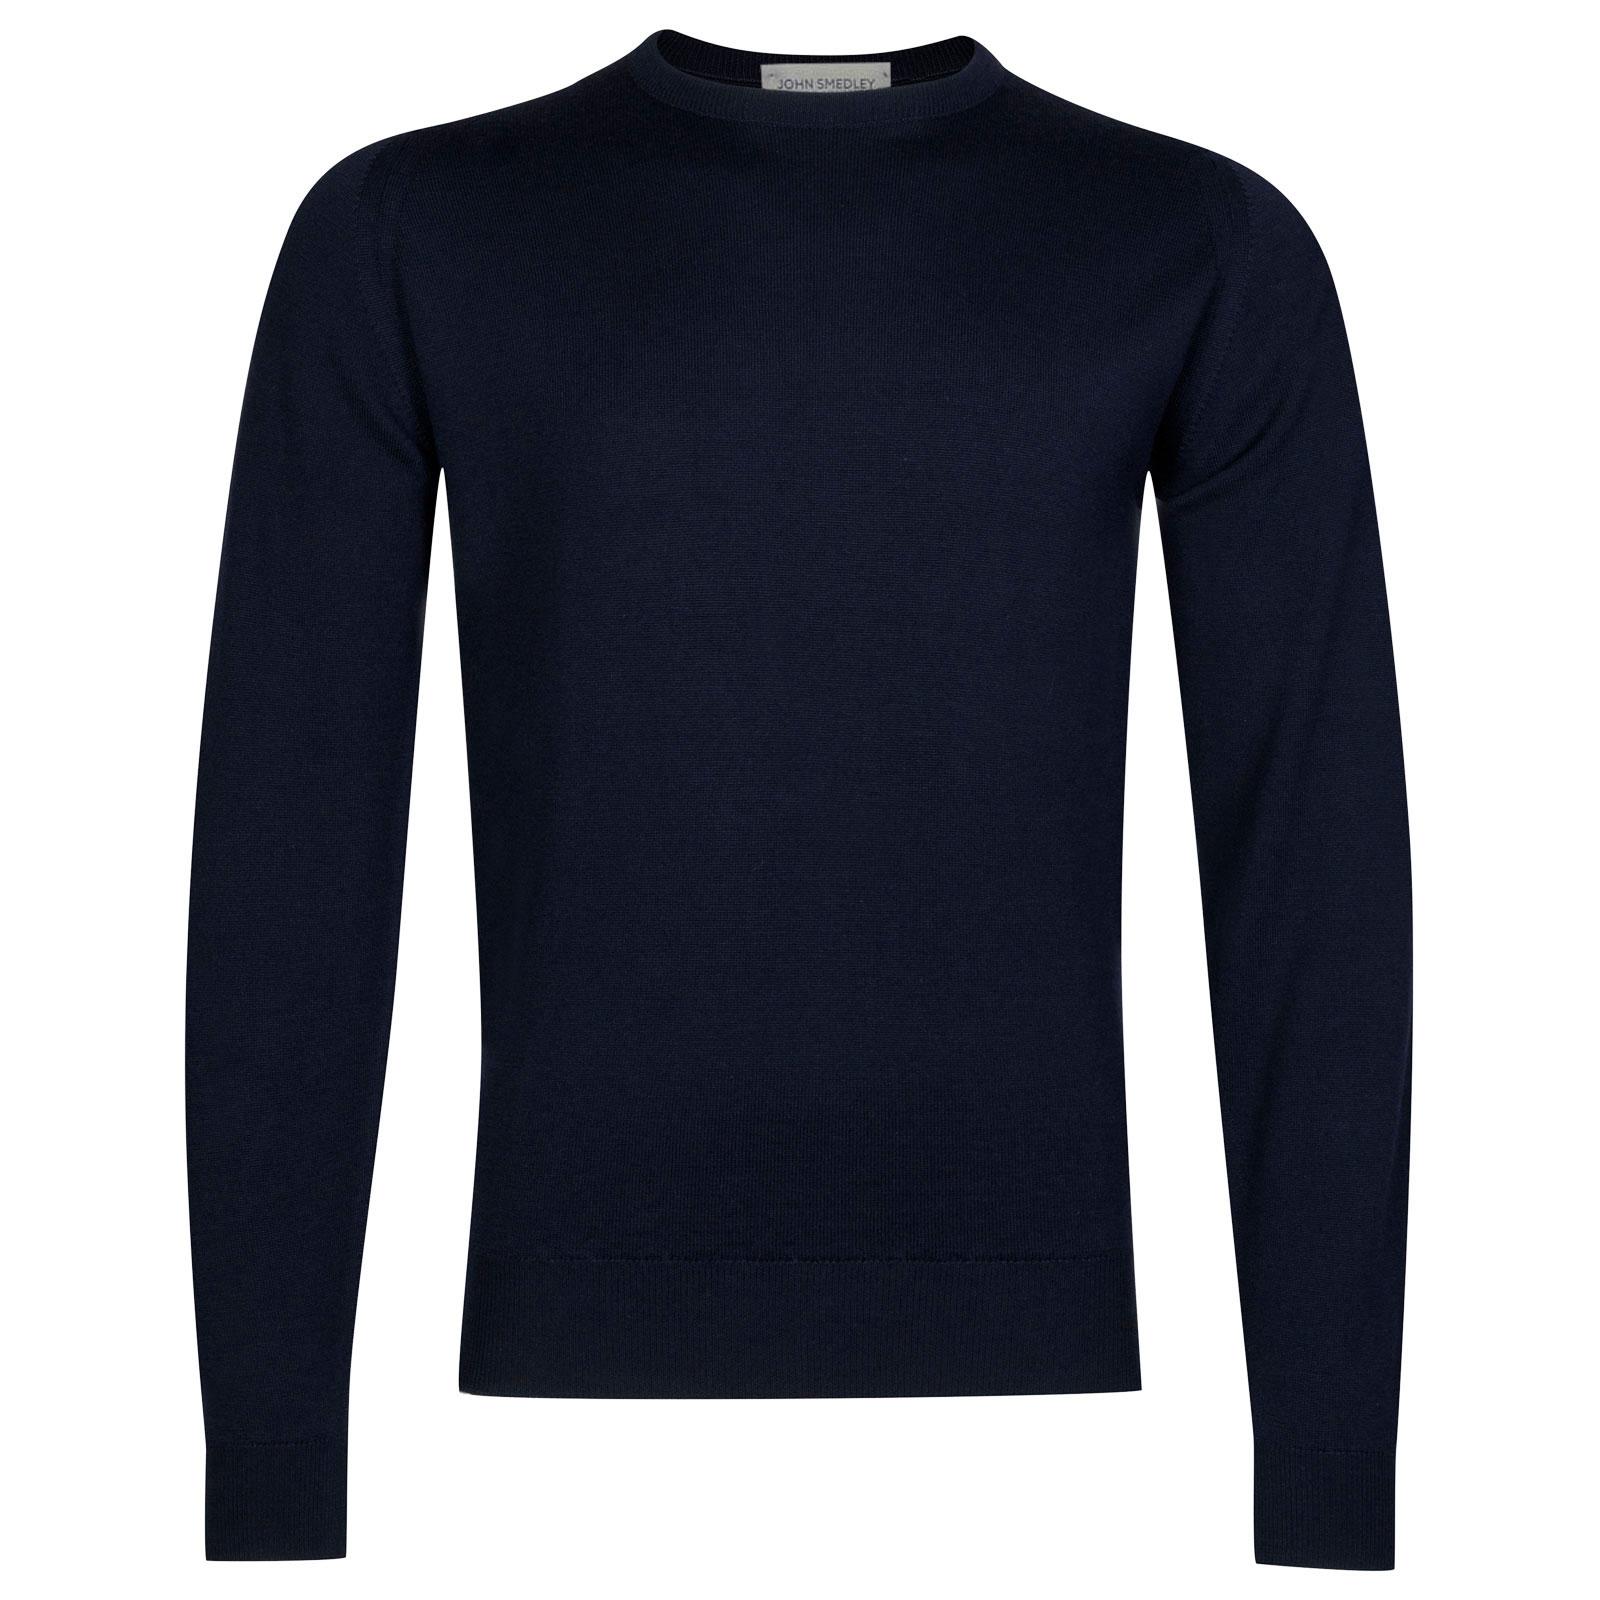 John Smedley Farhill Merino Wool Pullover in Midnight-L